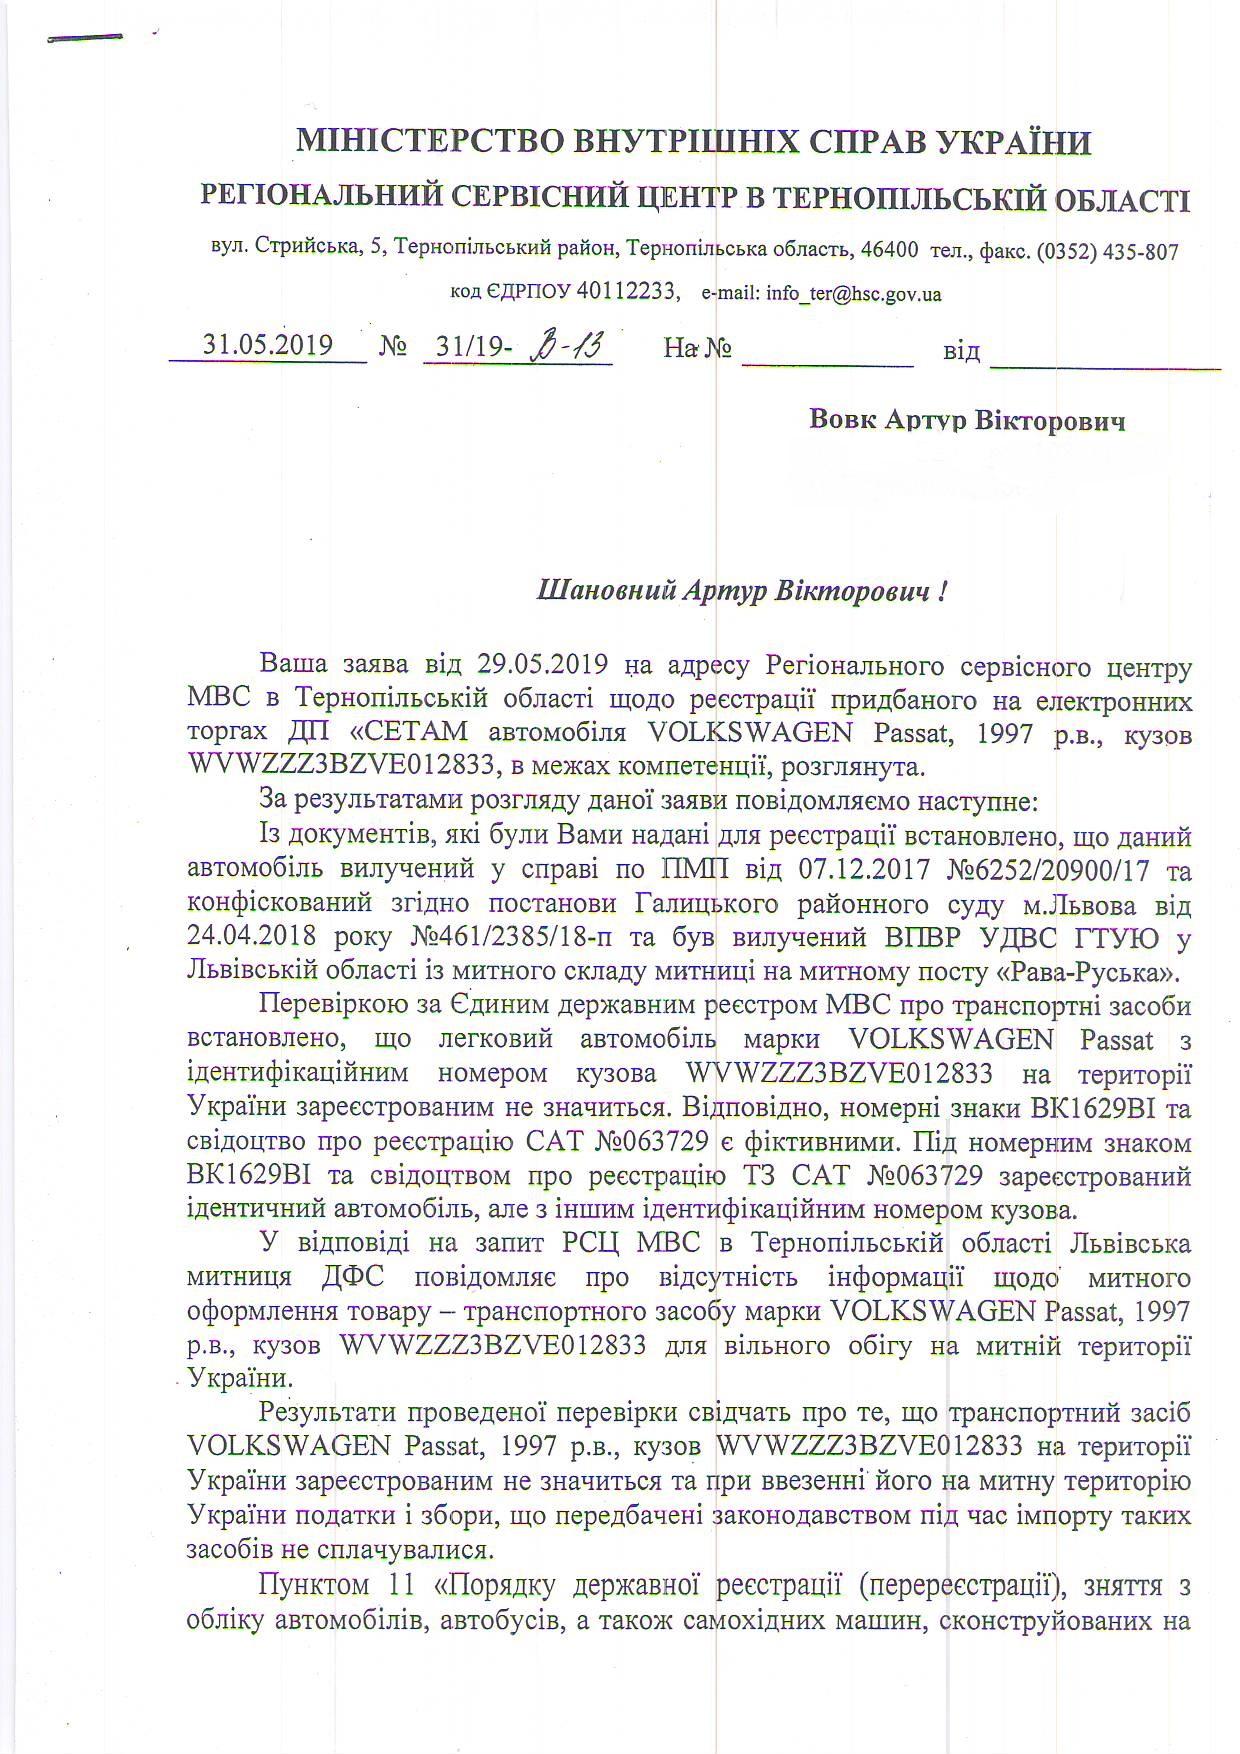 image http://forum.setam.net.ua/assets/images/802-OGebwmFDseMhSb45.jpeg